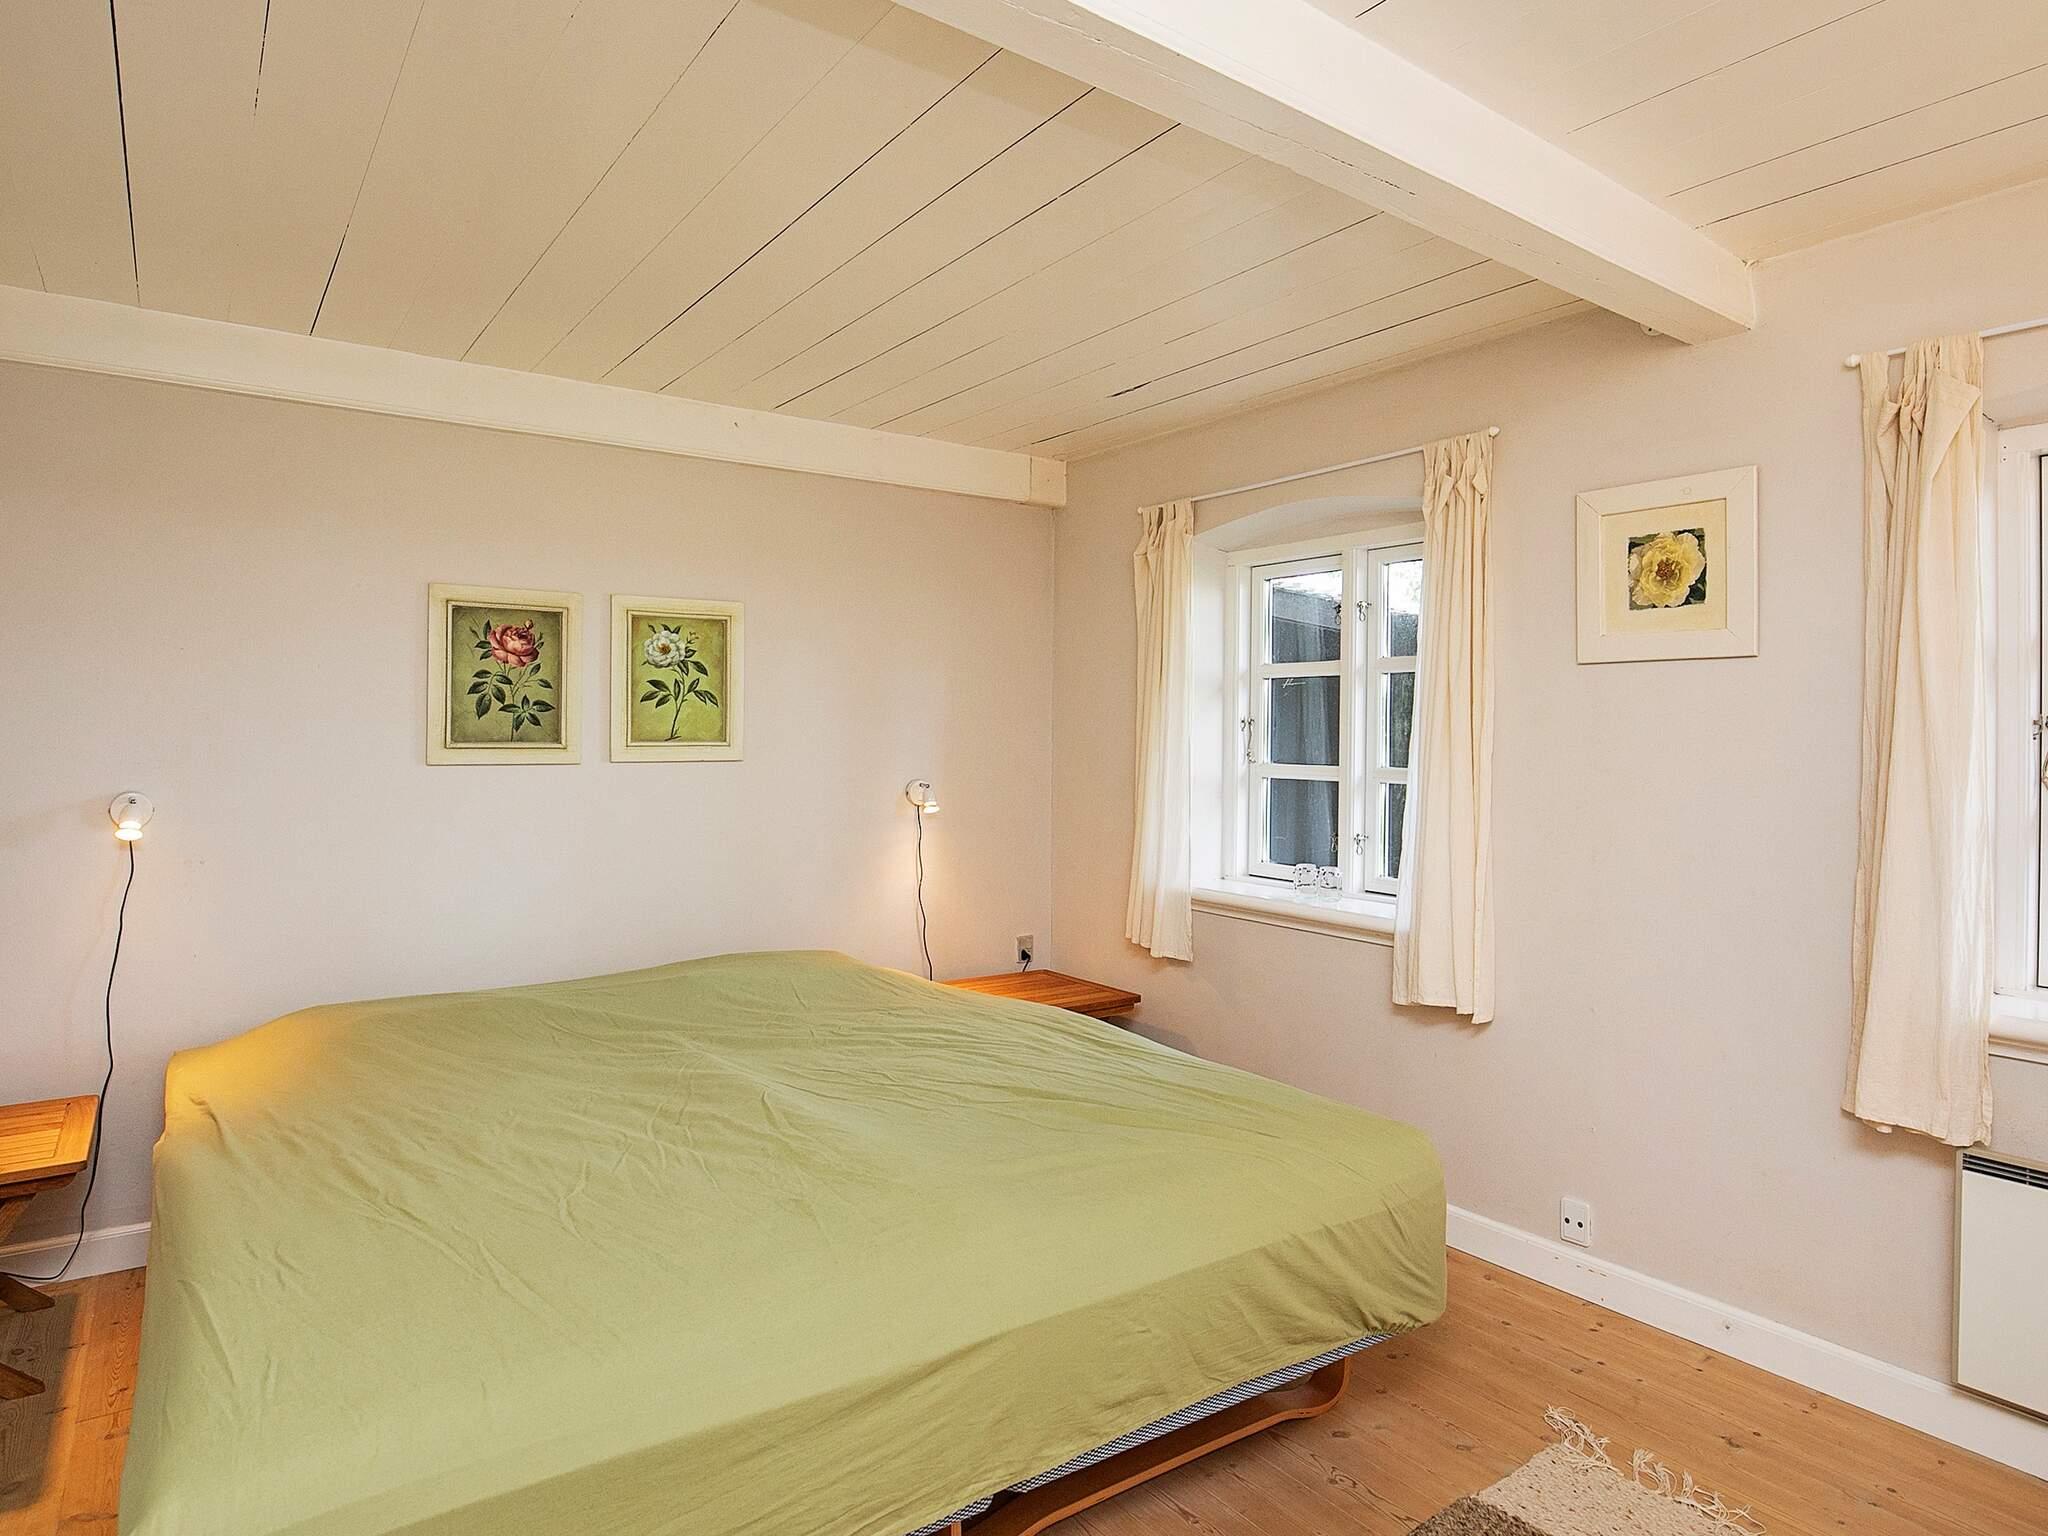 Ferienhaus Ærø/Marstal (207963), Marstal, , Ærø, Dänemark, Bild 11